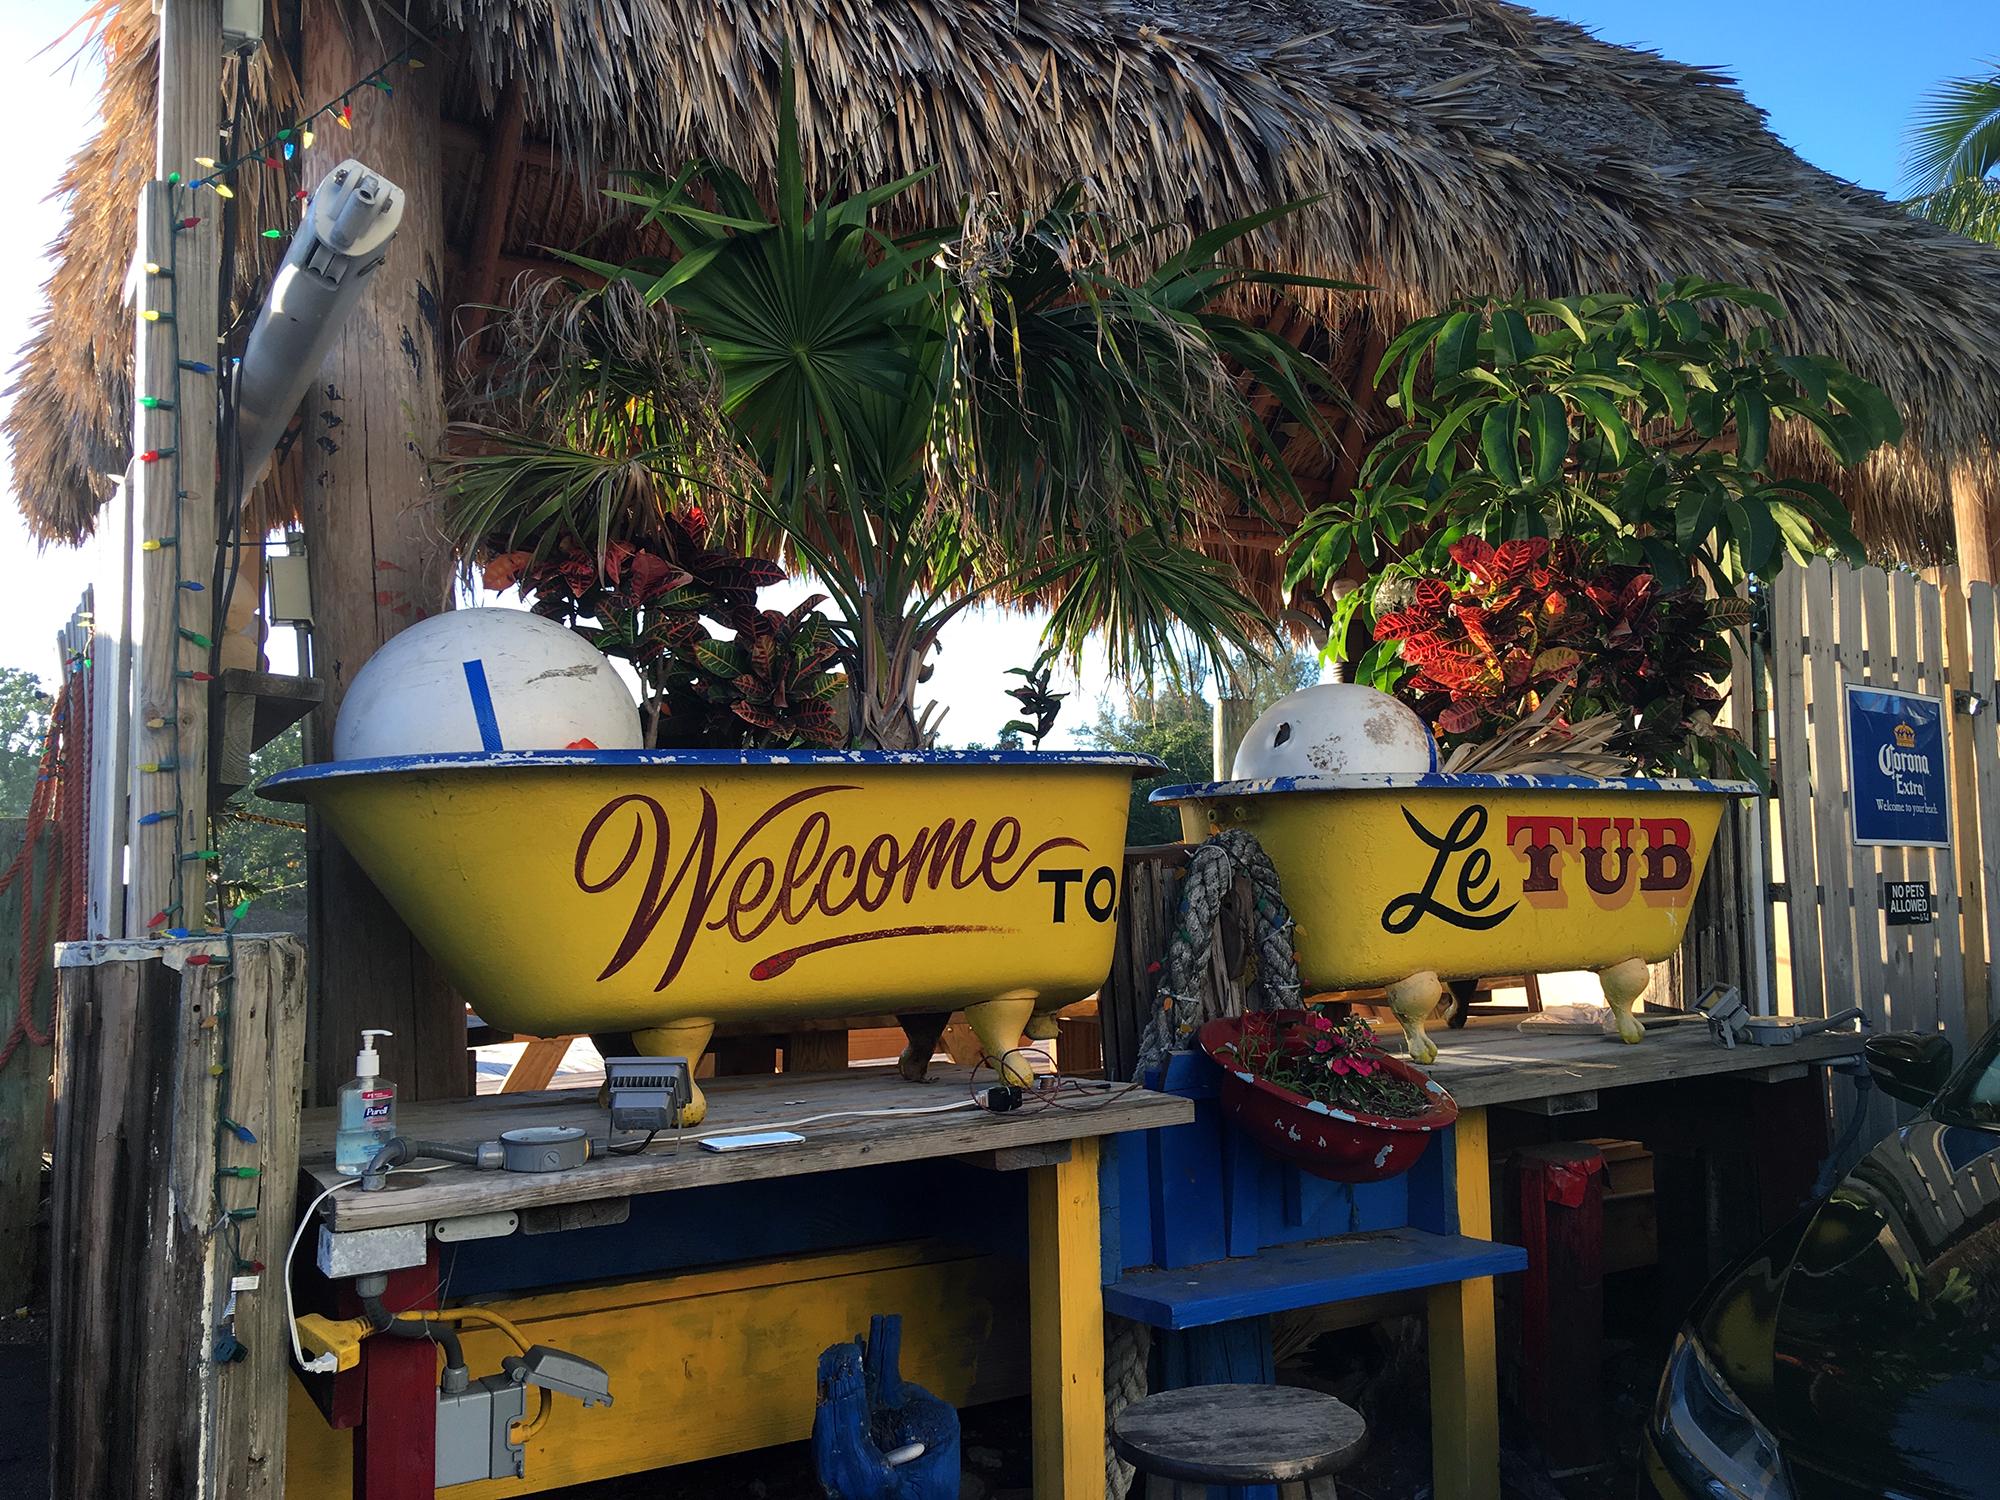 Generic Van Life - Key West Le Tub Welcome